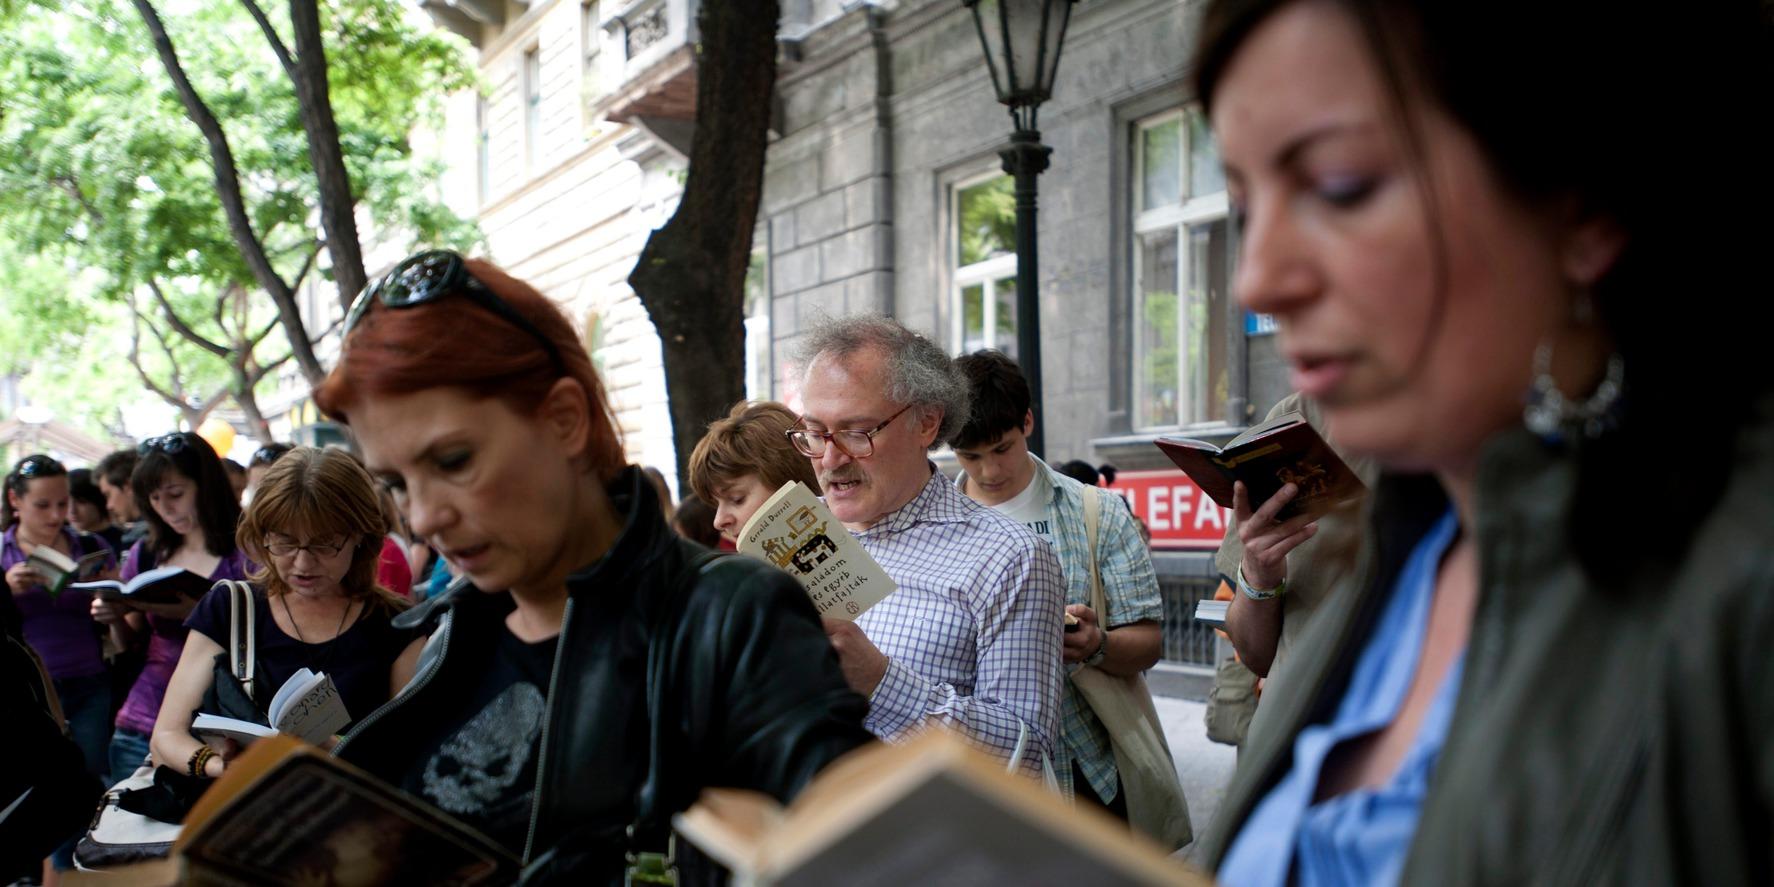 Budapest, 2011. május 13. Résztvevők együtt olvasnak a Fővárosi Szabó Ervin Könyvtár negyedórás rekordkísérletén a Reviczky utcában a könyvtár épülete előtti téren. A szervezők mintegy 500 együtt olvasót regisztráltak az eseményen. MTI Fotó: Kallos Bea